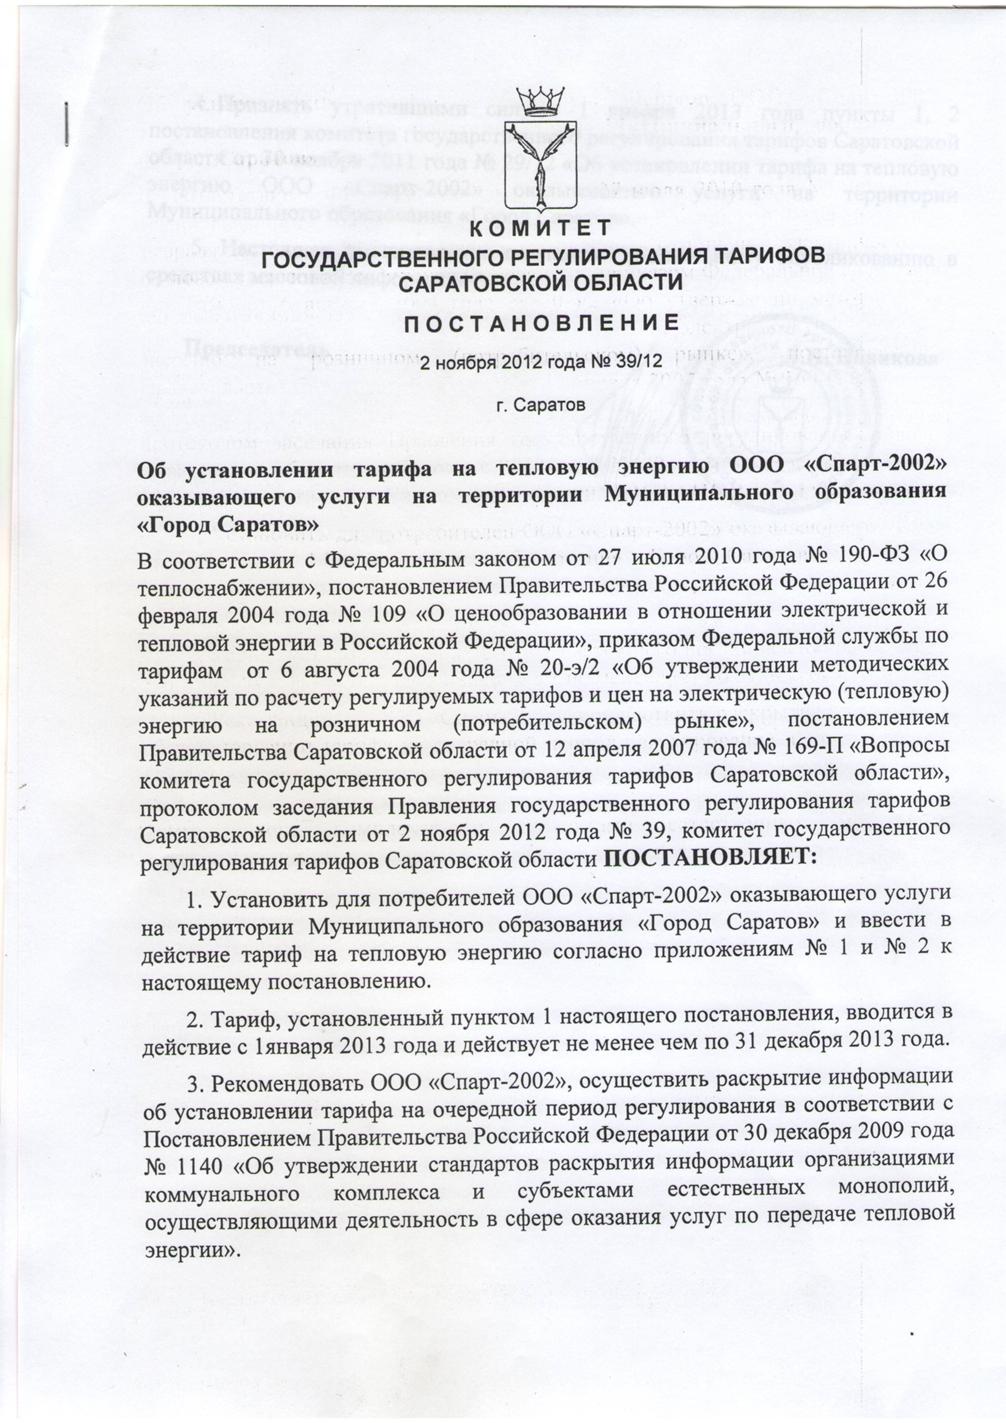 По требованию прокуратуры в самарской области снижены темпы роста тарифов на воду и тепло https